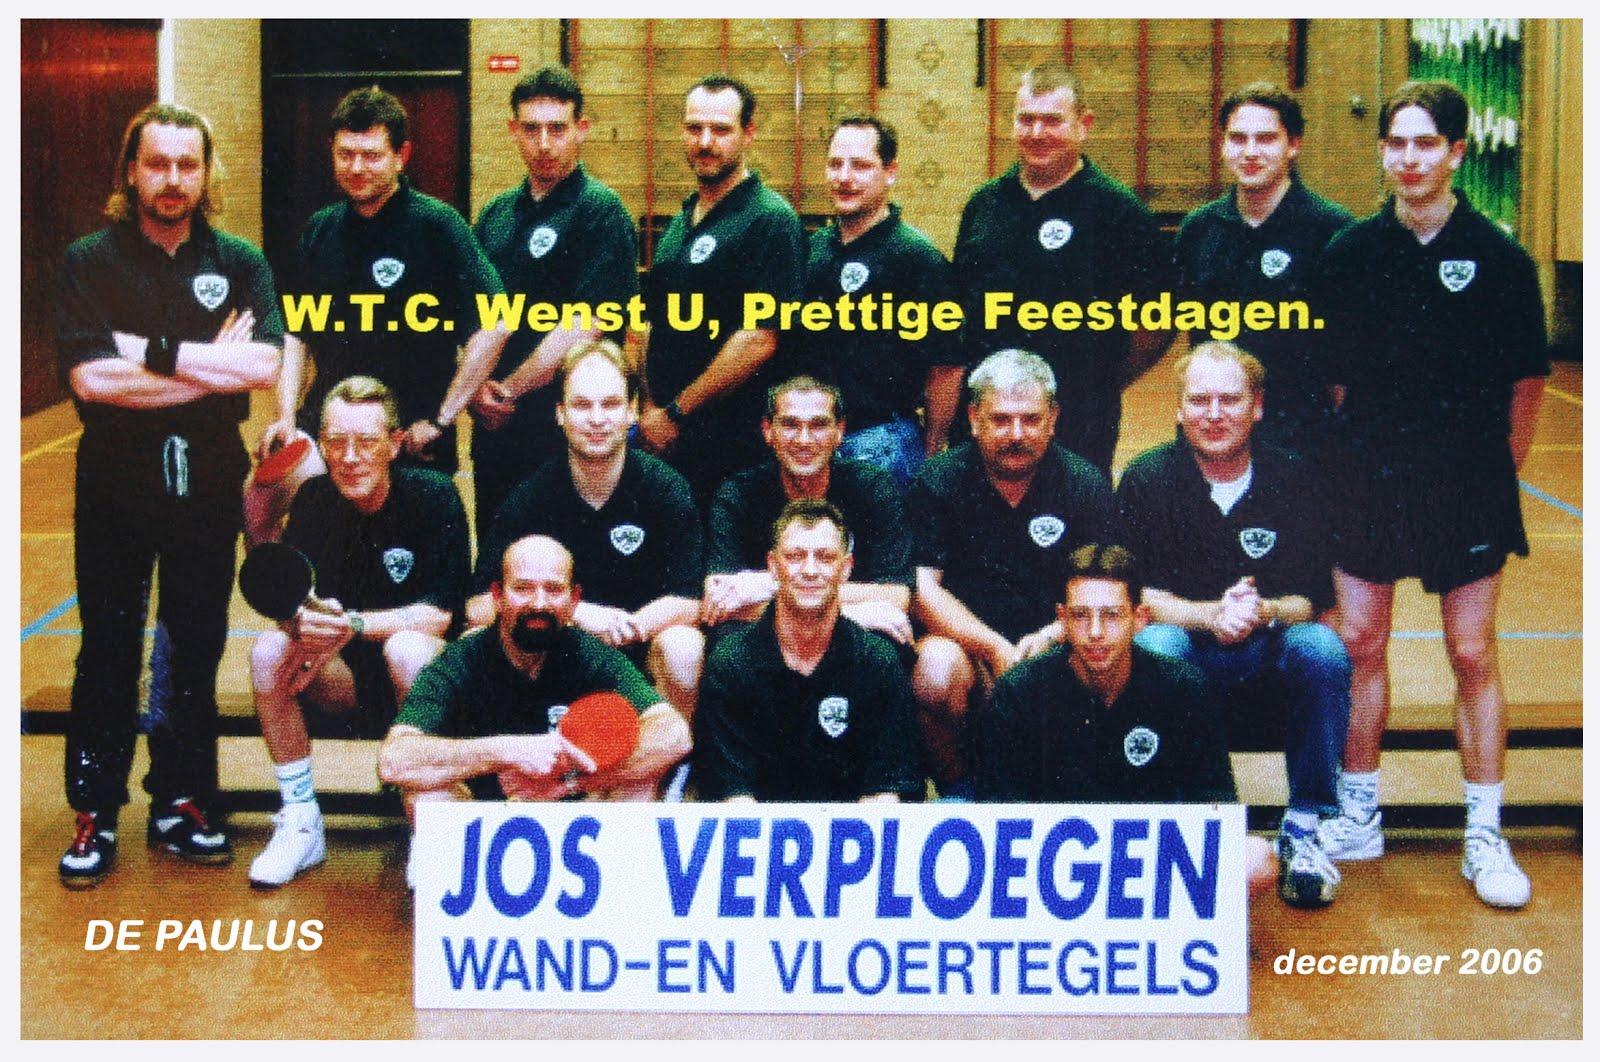 WTC leden in nieuw tenue (2006)